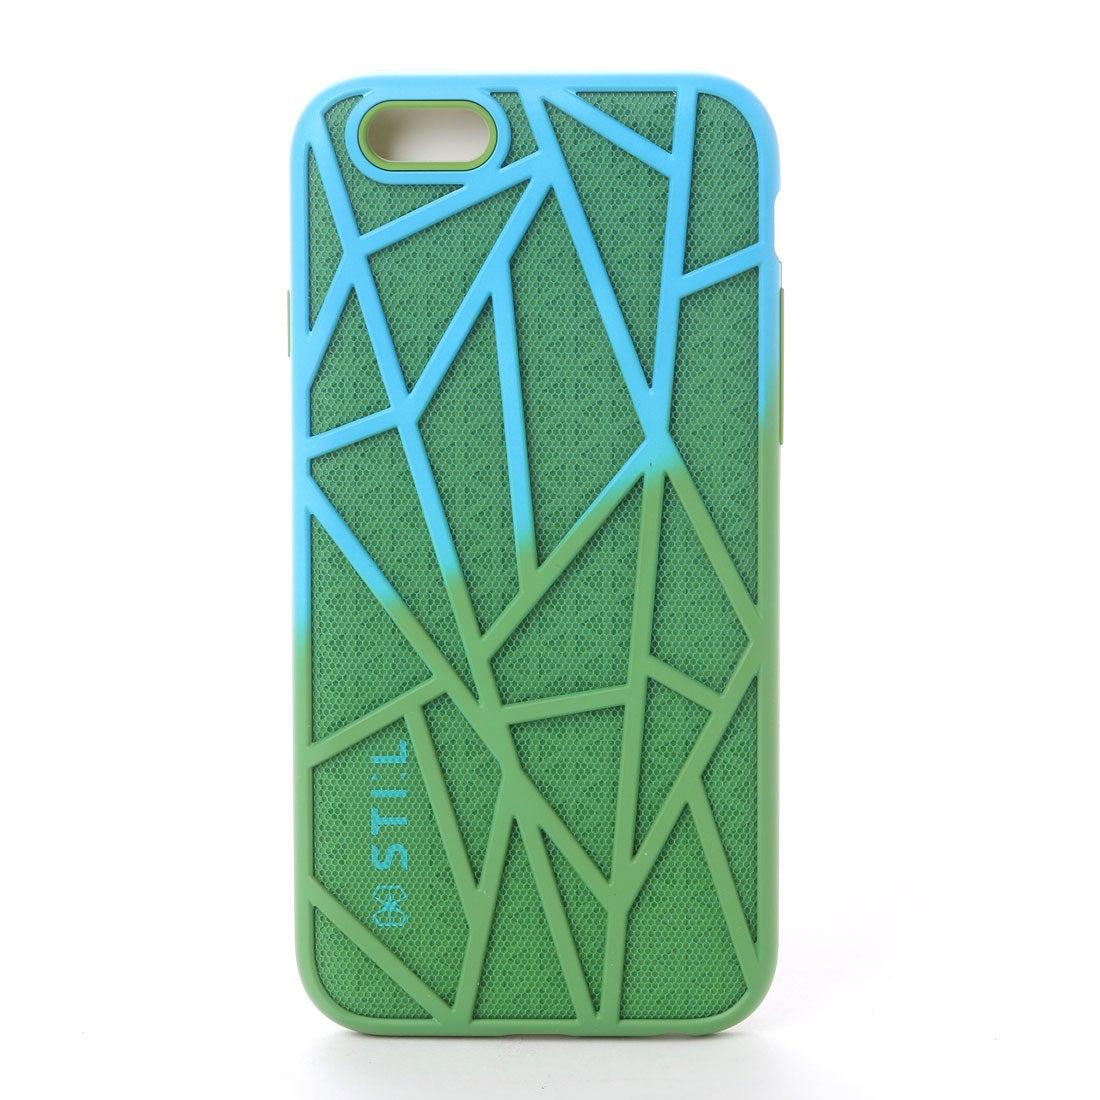 スティール STI:L iPhone6s/6 FREE RUN Bar(グリーン) レディース メンズ